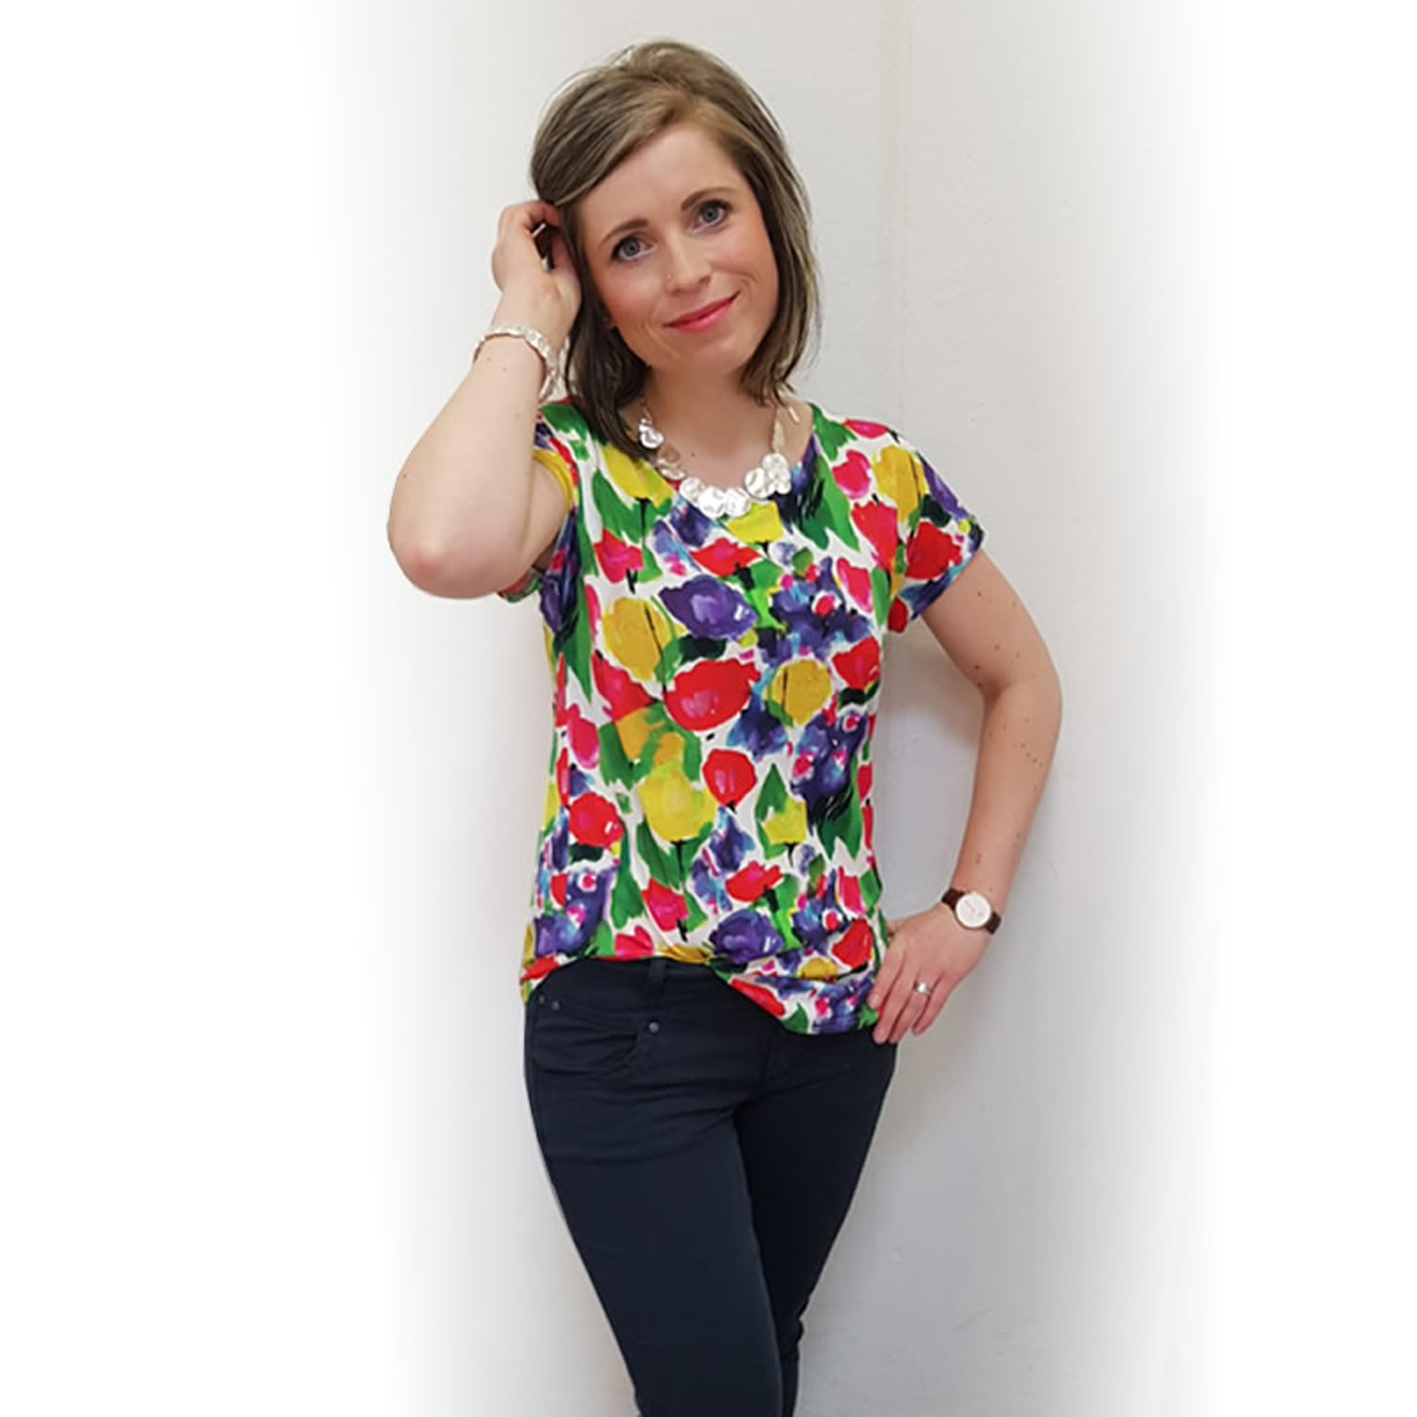 einfach Schön Shirt Carola